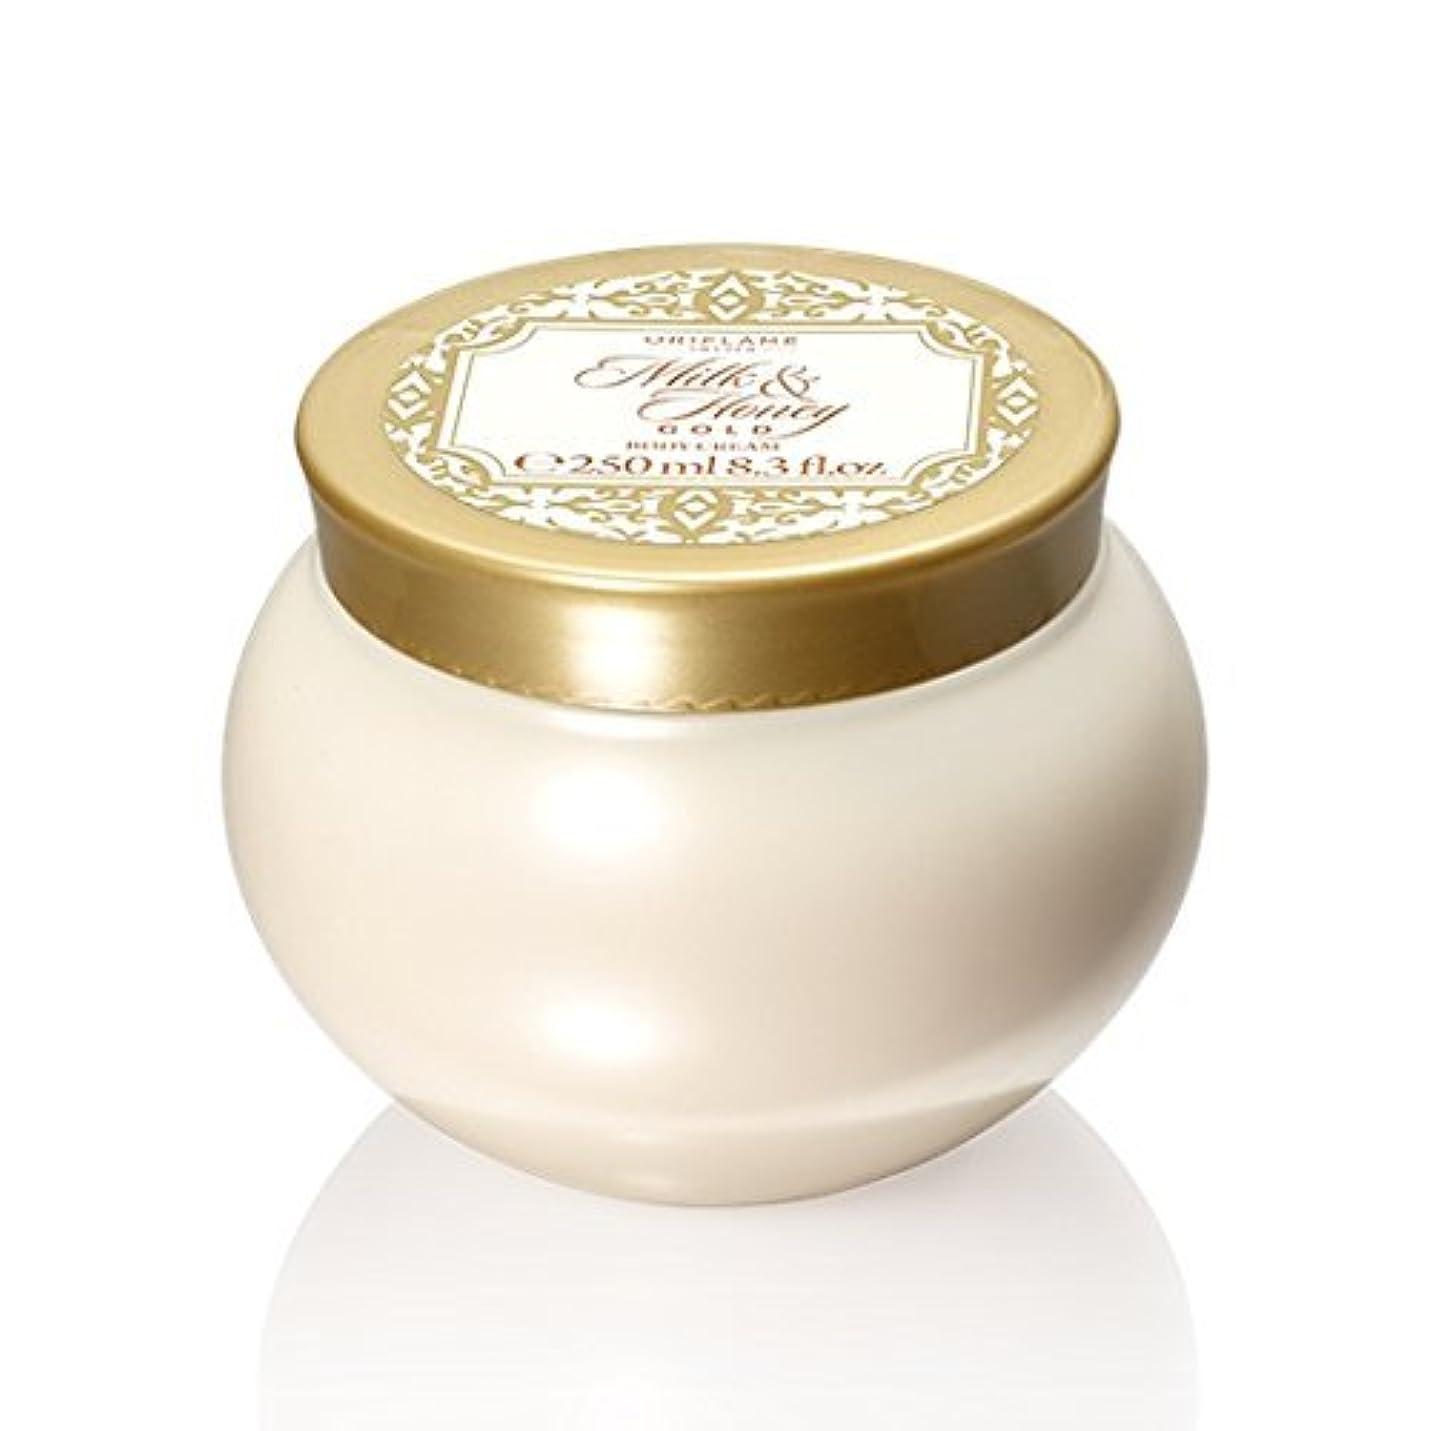 ポップ強います断片Milk and Honey Gold Body Cream by Oriflame